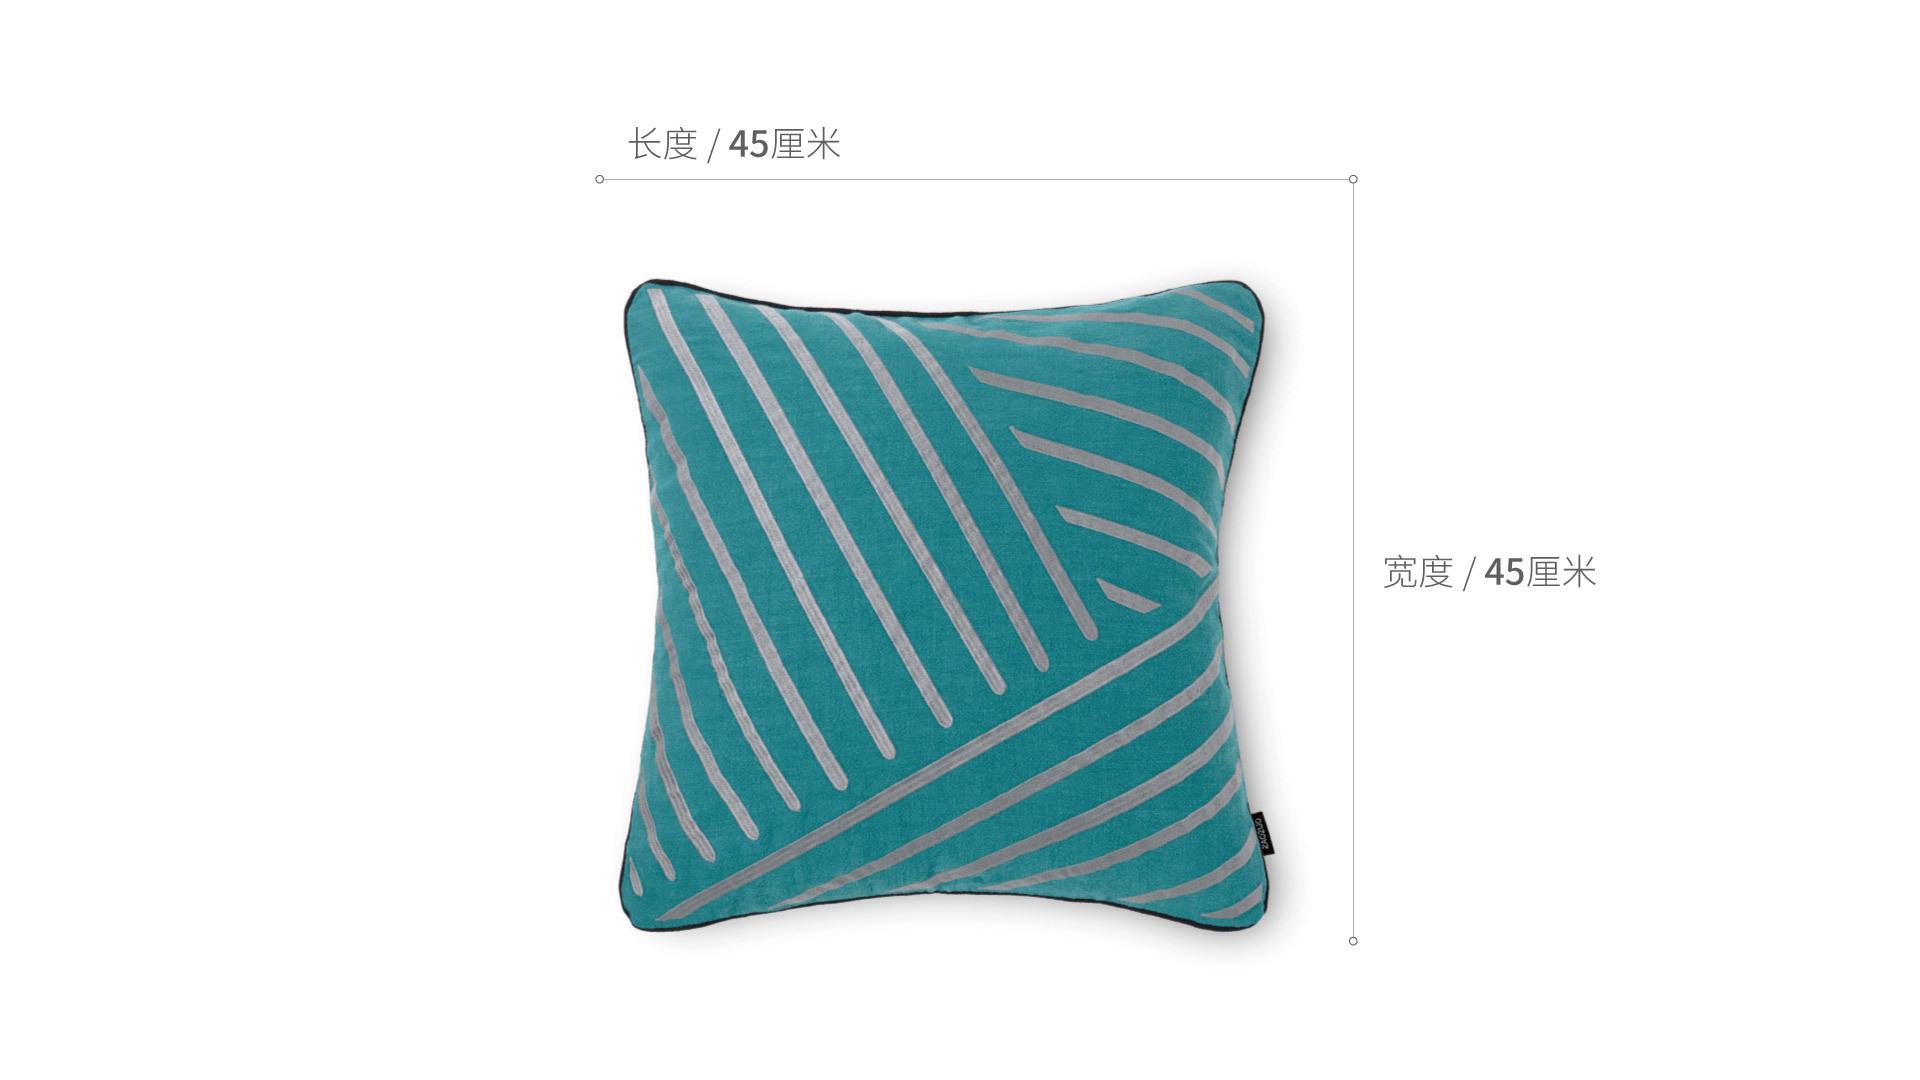 细语苎麻刺绣抱枕-立夏细语苎麻刺绣抱枕 | 立夏家纺效果图